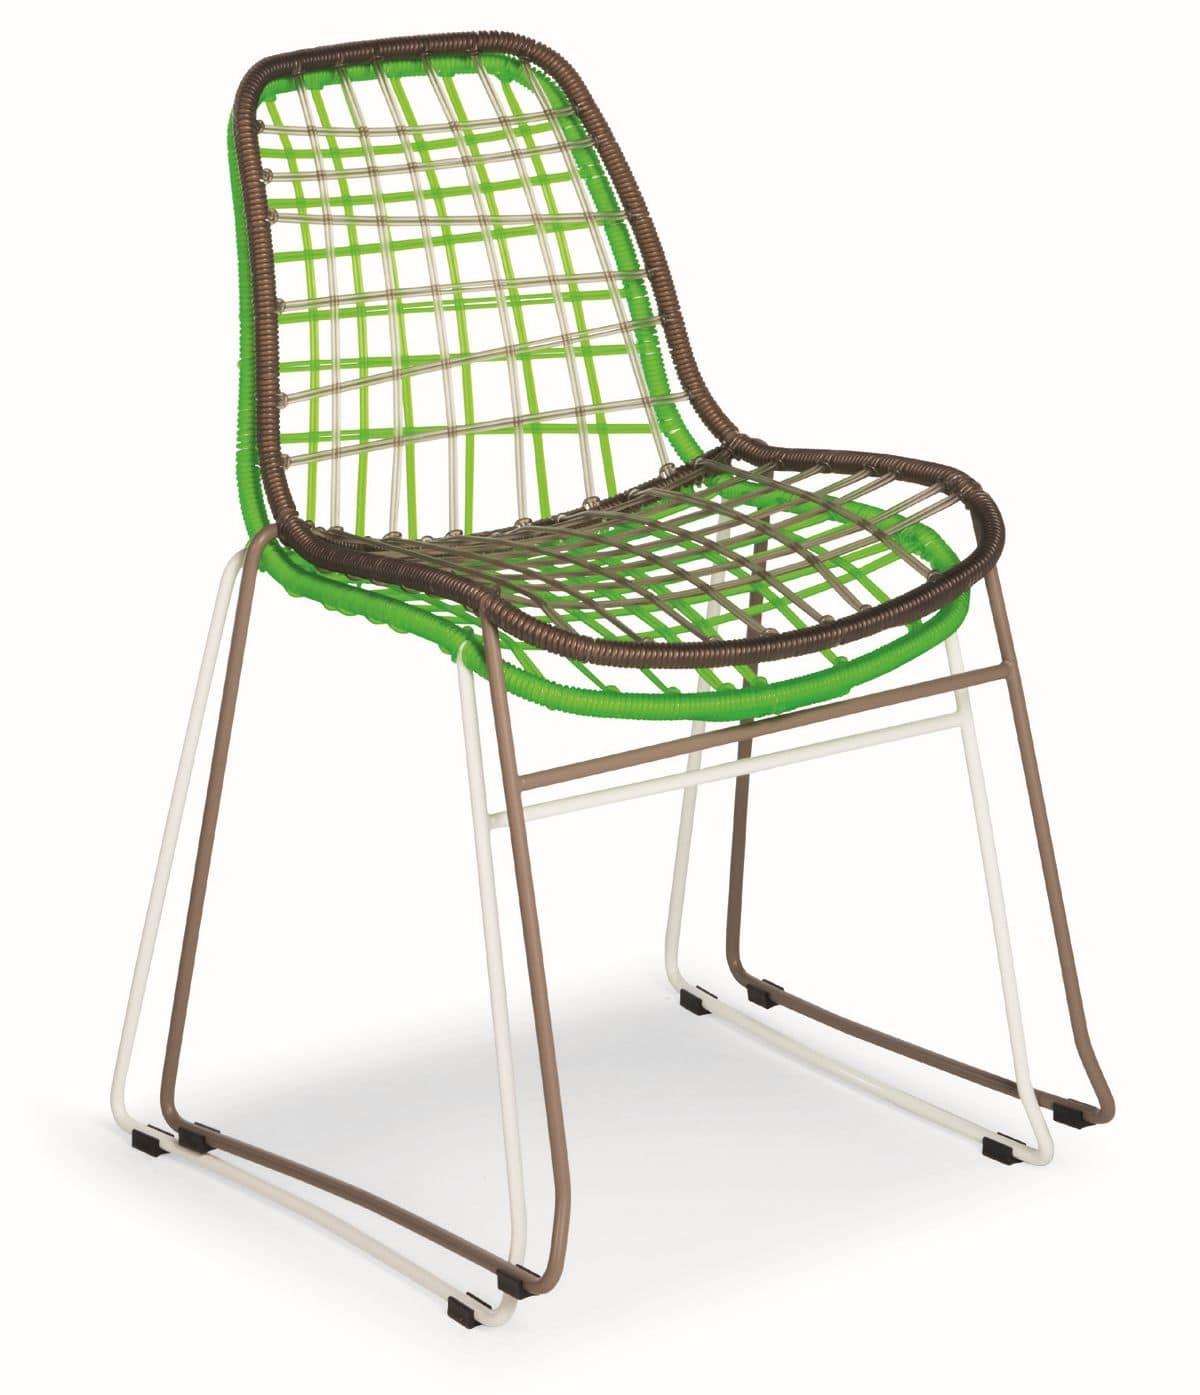 Sedie In Metallo E Plastica.Sedia In Metallo E Plastica Ideale Per Ambienti Esterni Idfdesign